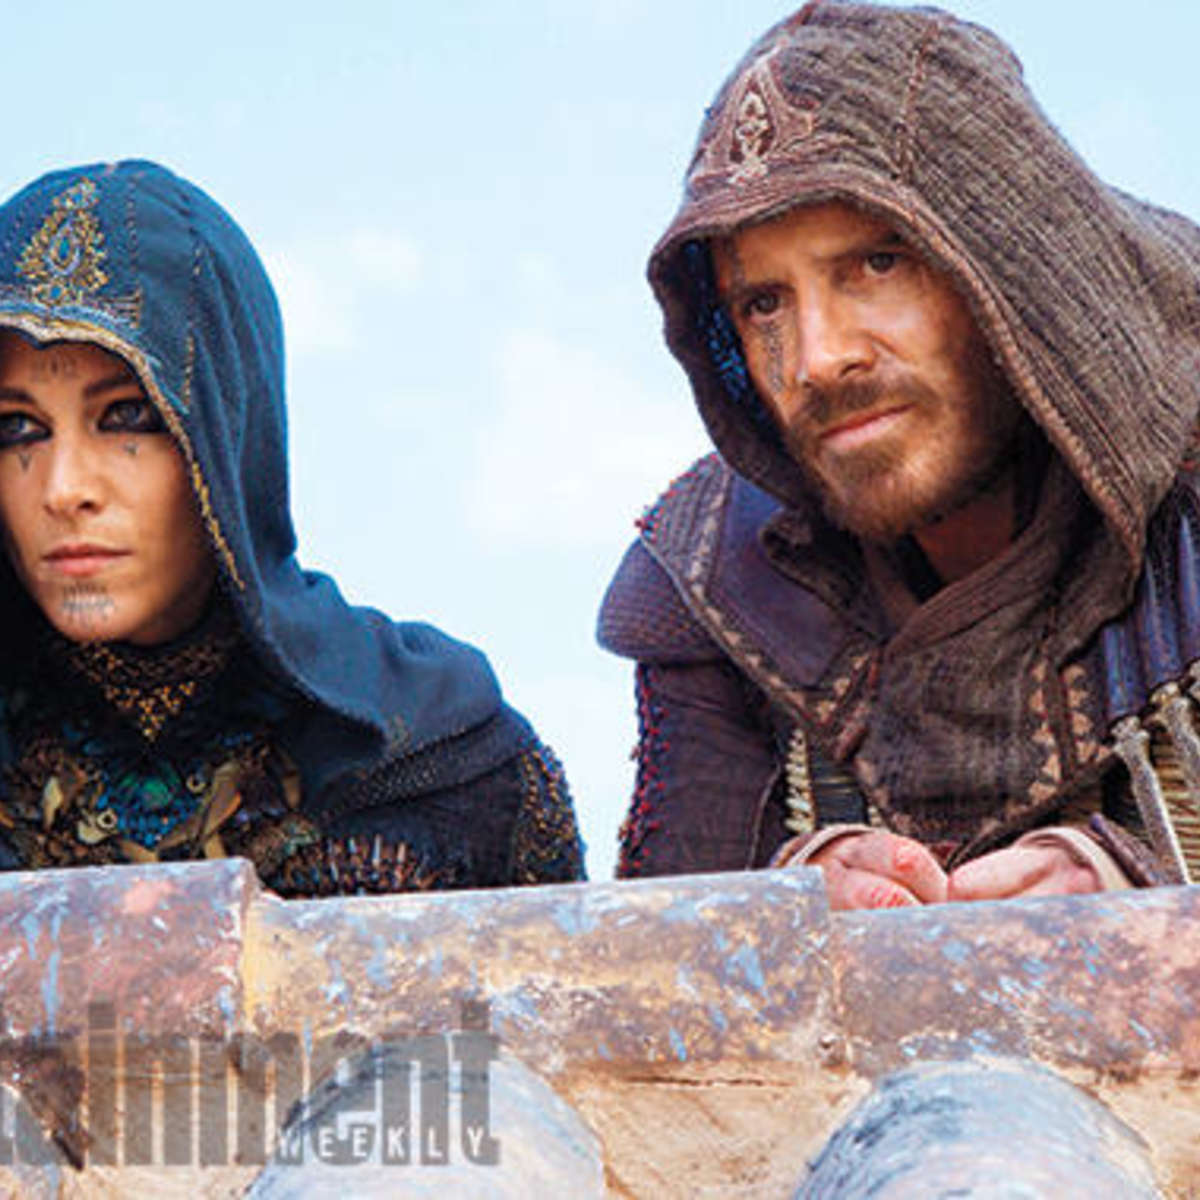 EW-Assassins-Creed-Fassbender.jpg